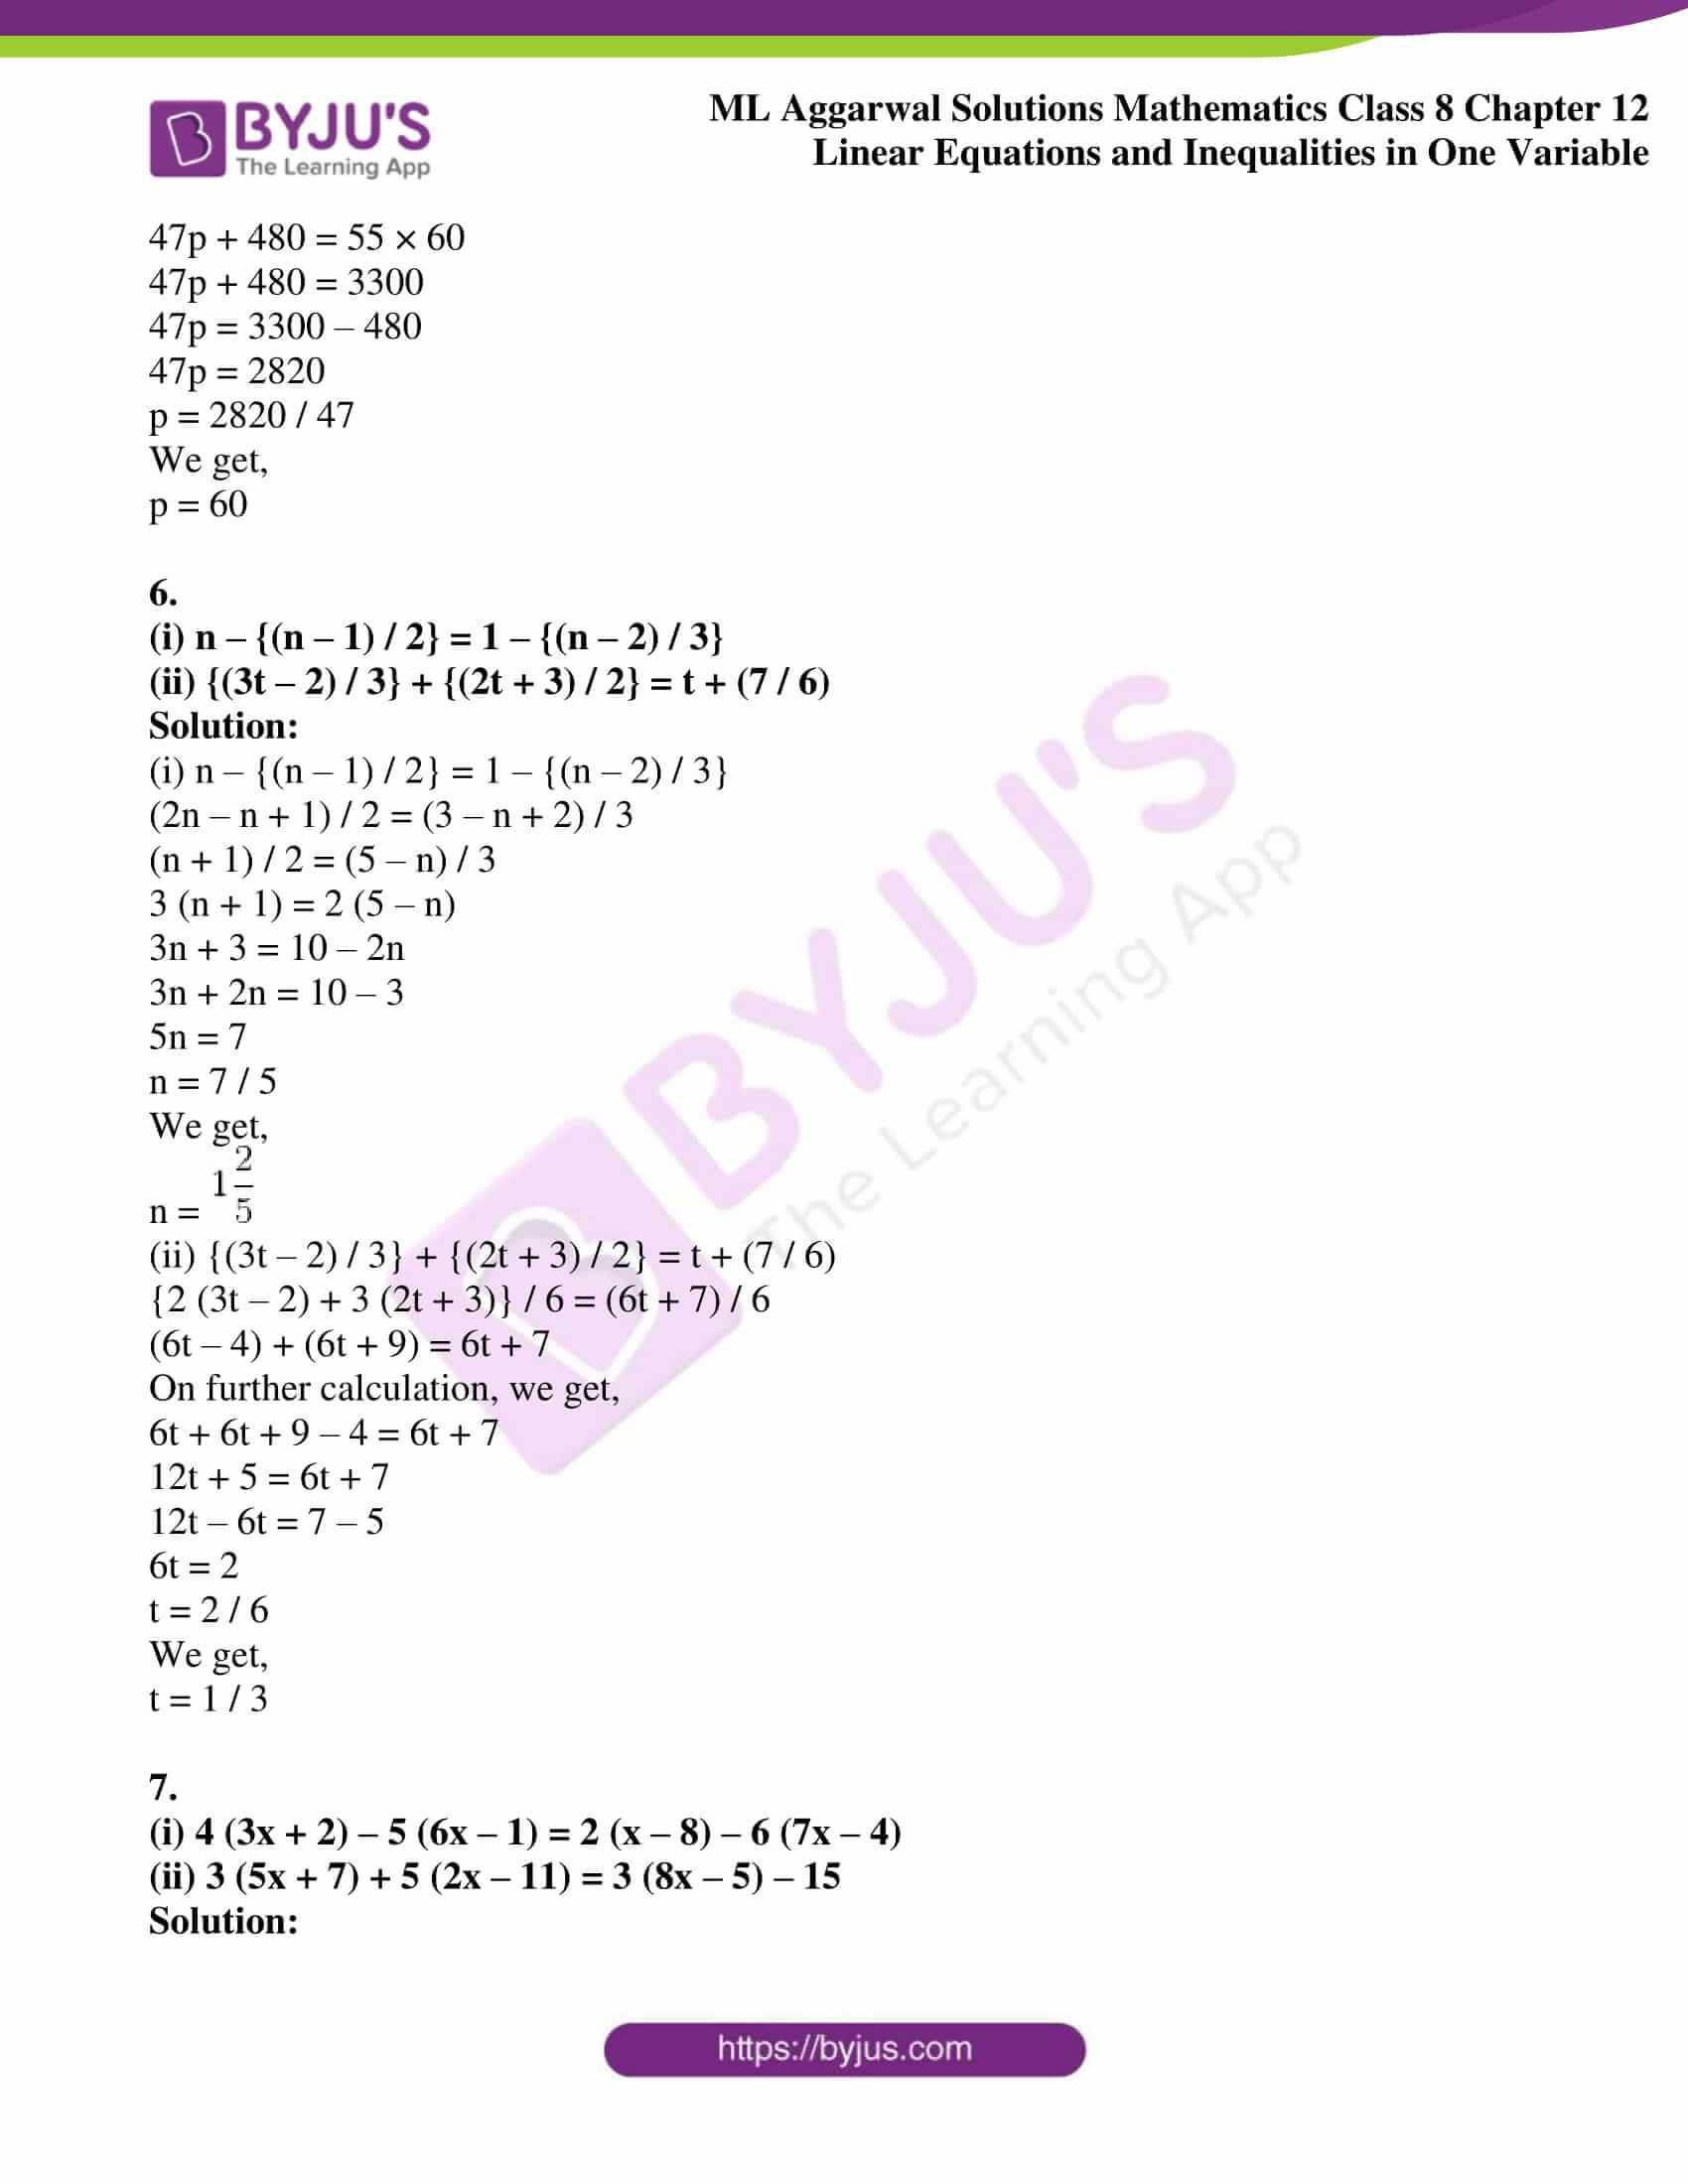 ml aggarwal sol mathematics class 8 ch 12 04